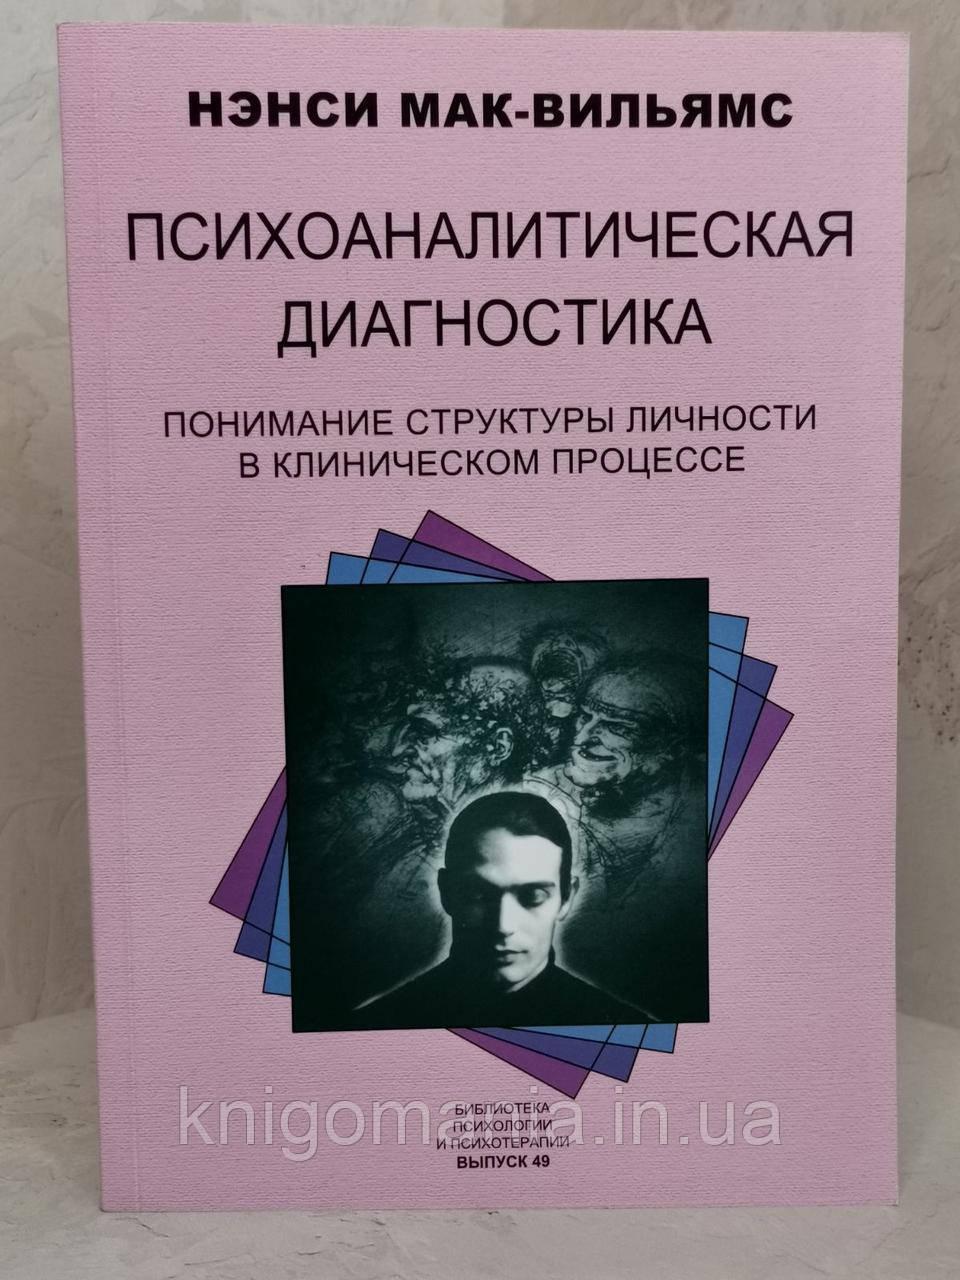 """Книга """"Психоаналітична діагностика"""" Ненсі Мак-Вільямс"""